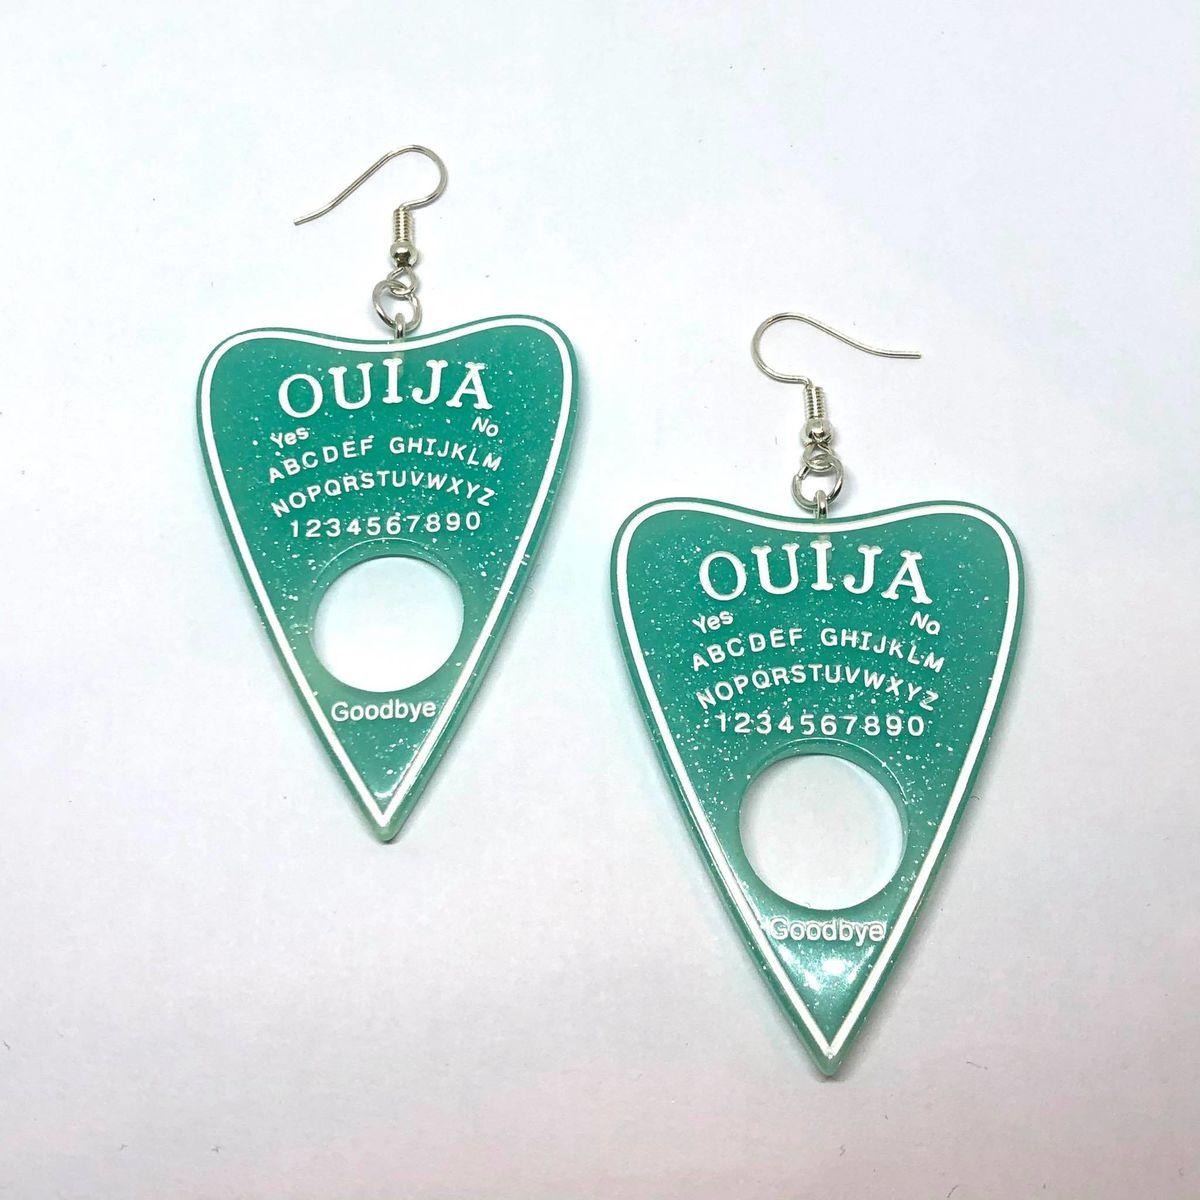 Ouija red earrings